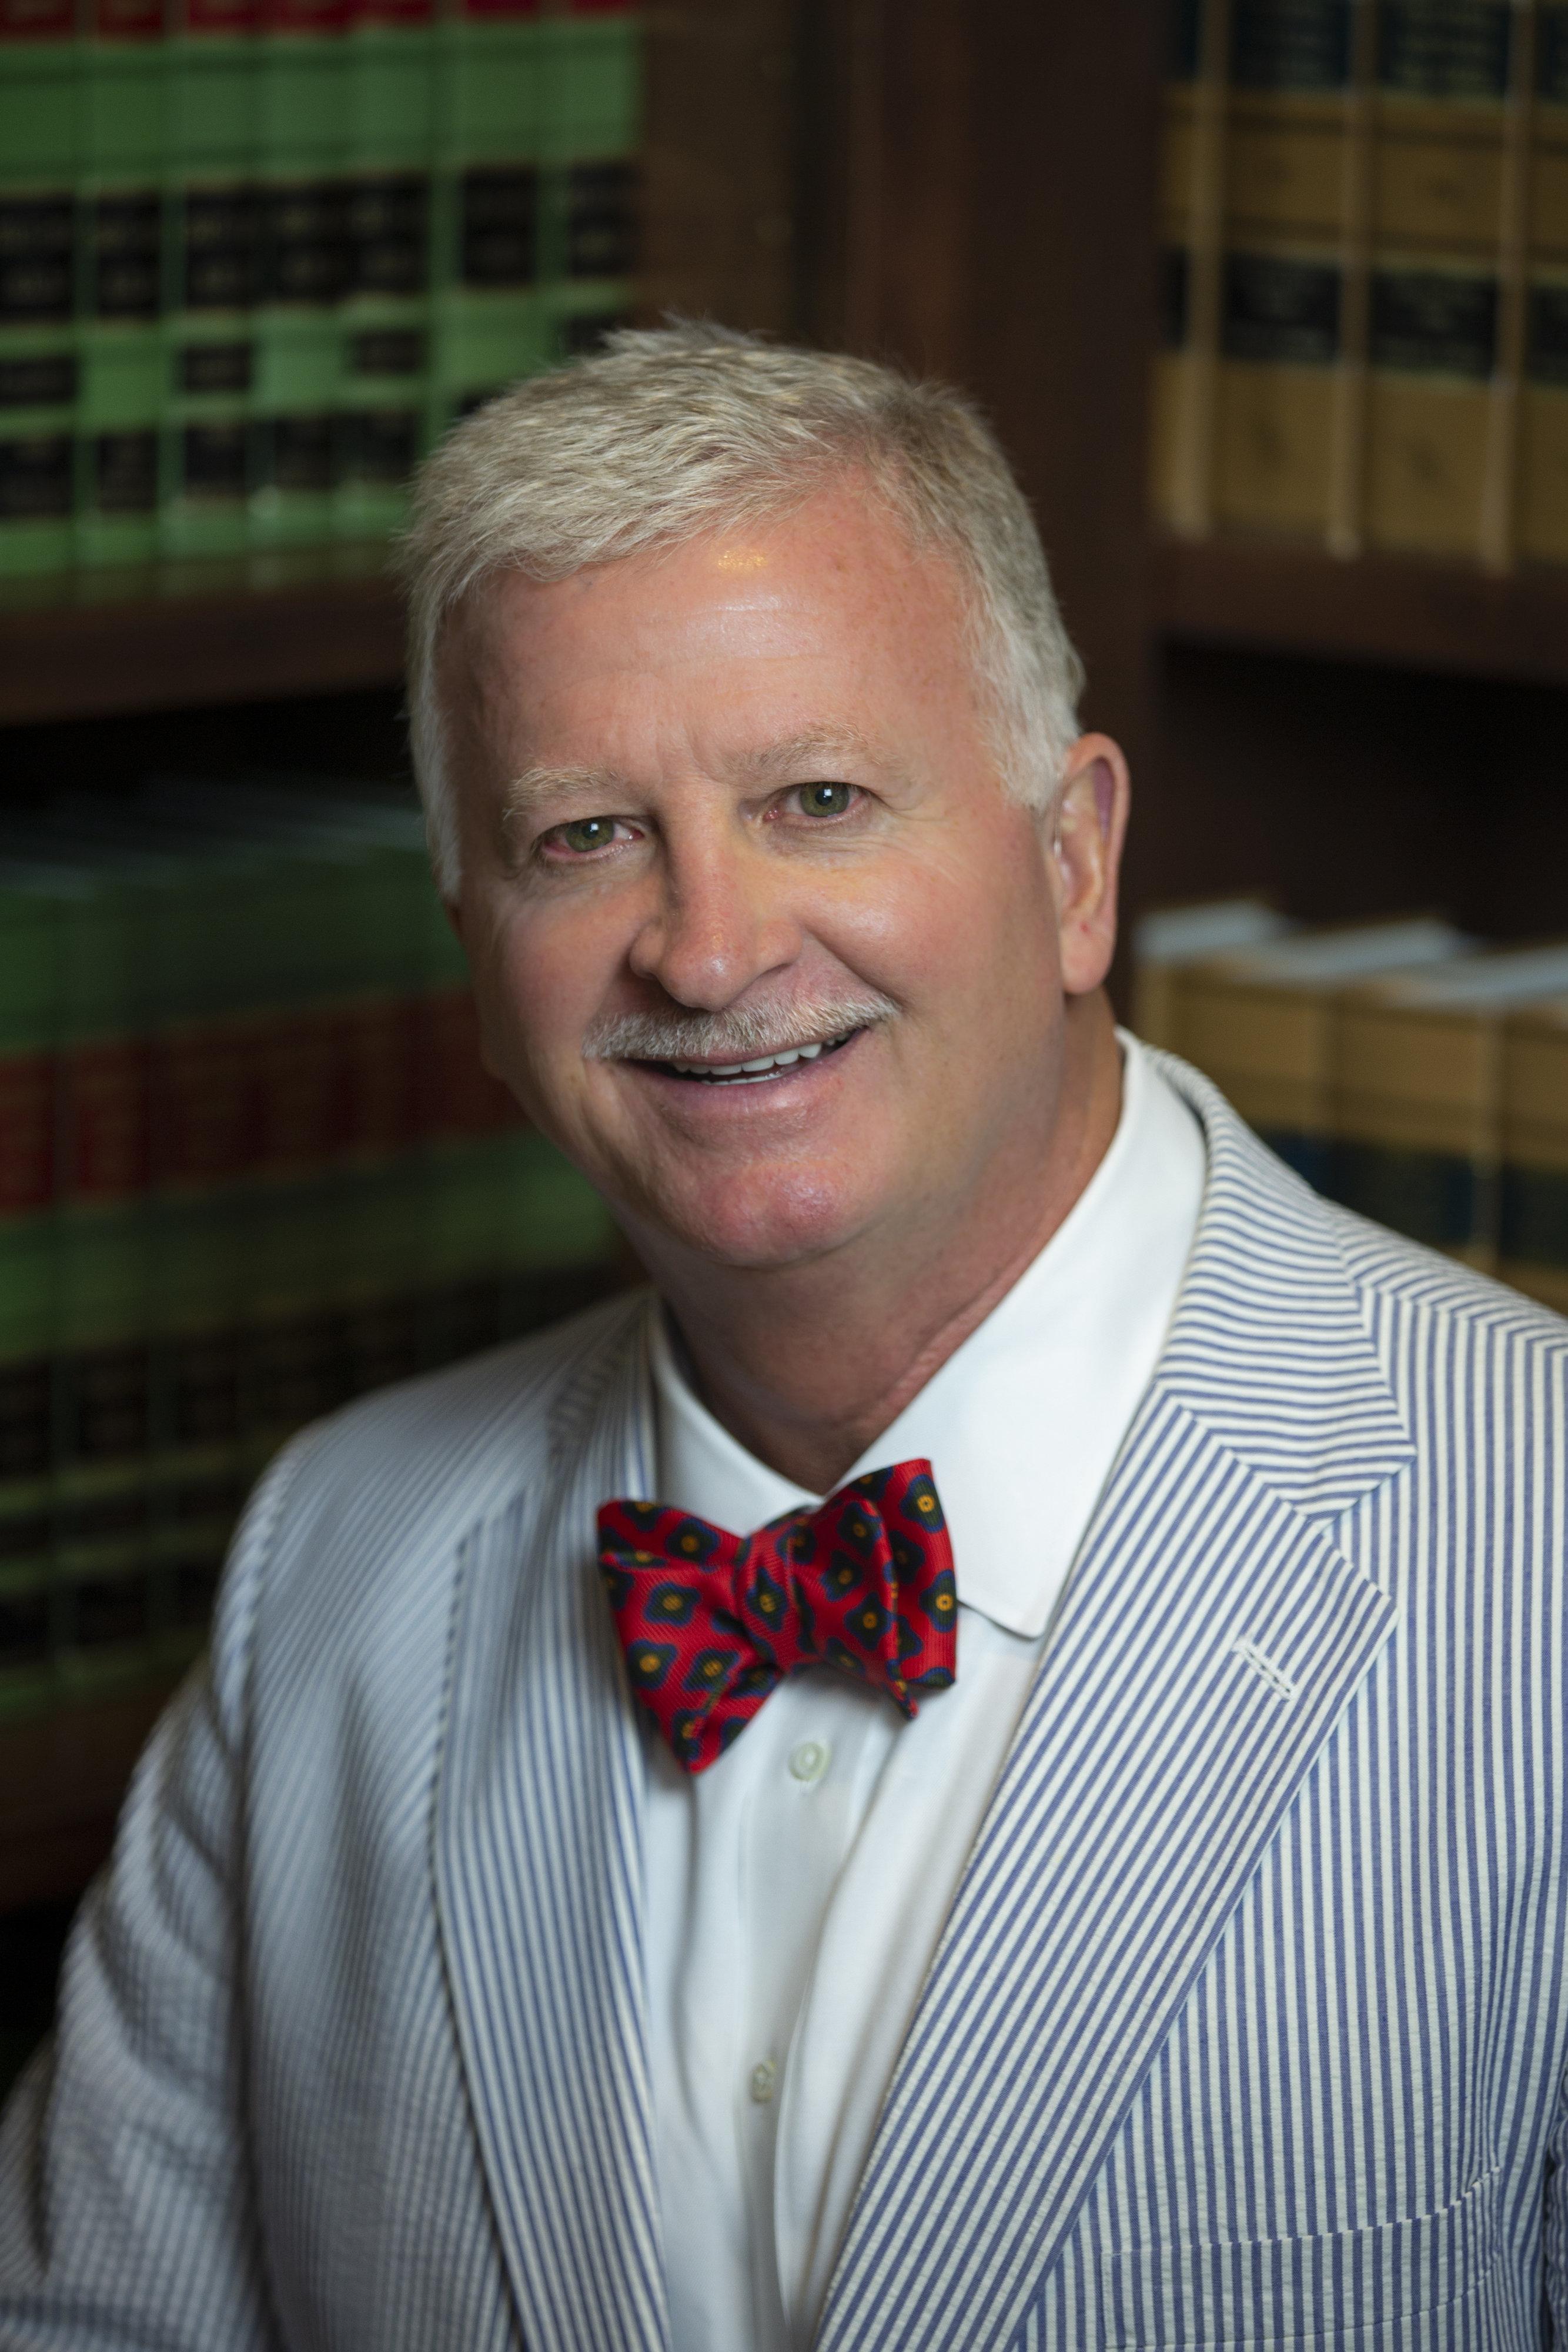 Robert Ingram, Partner